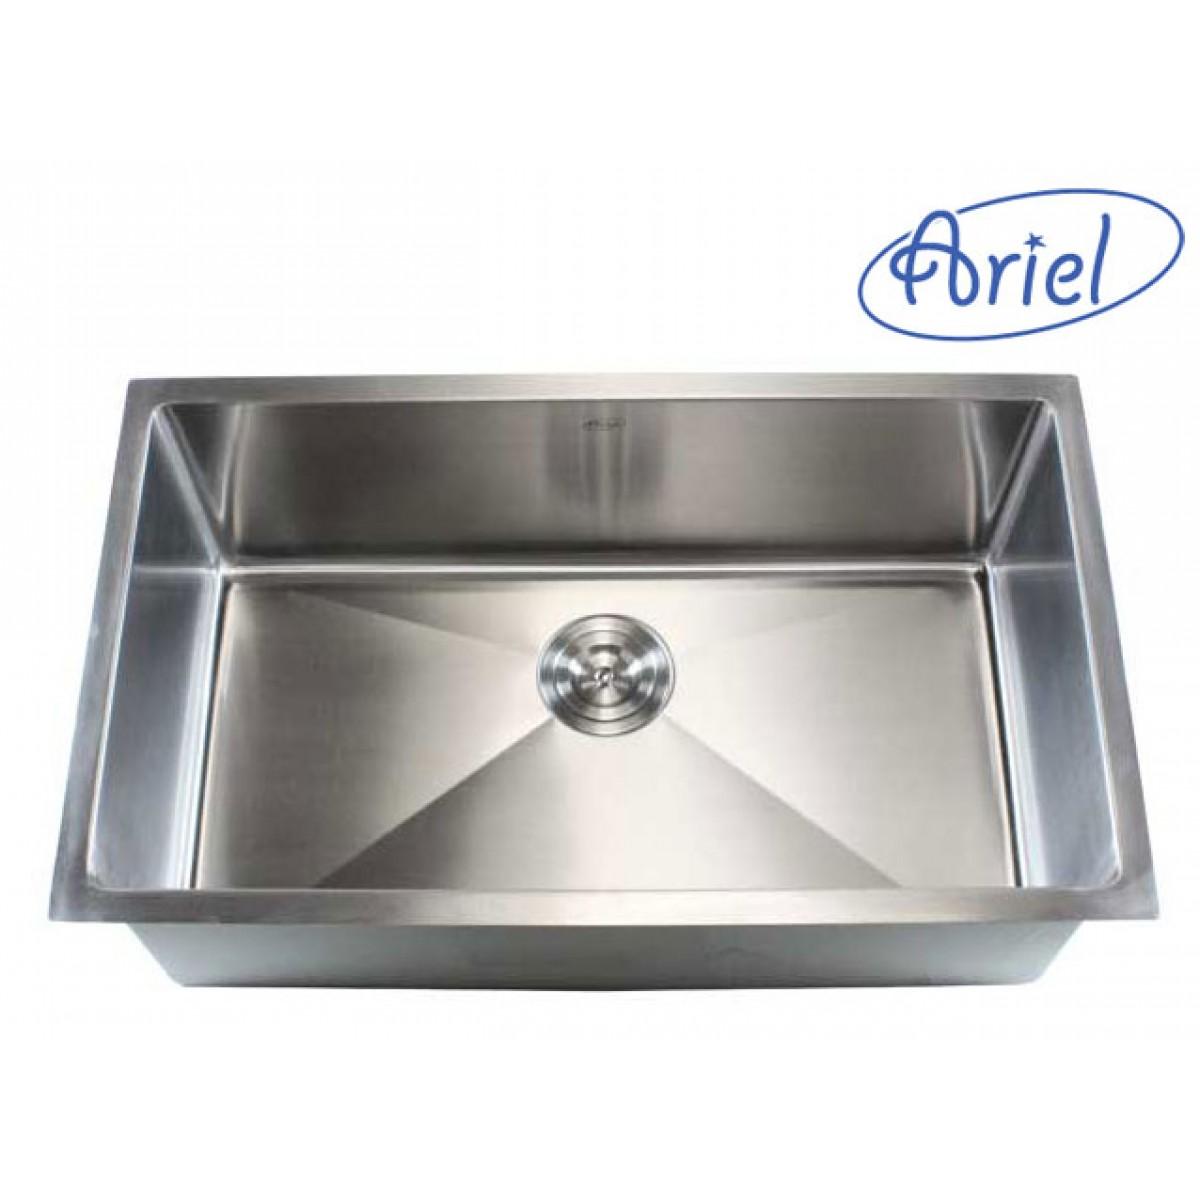 Good 30 Inch Stainless Steel Undermount Single Bowl Kitchen Sink 15mm Radius  Design   16 Gauge